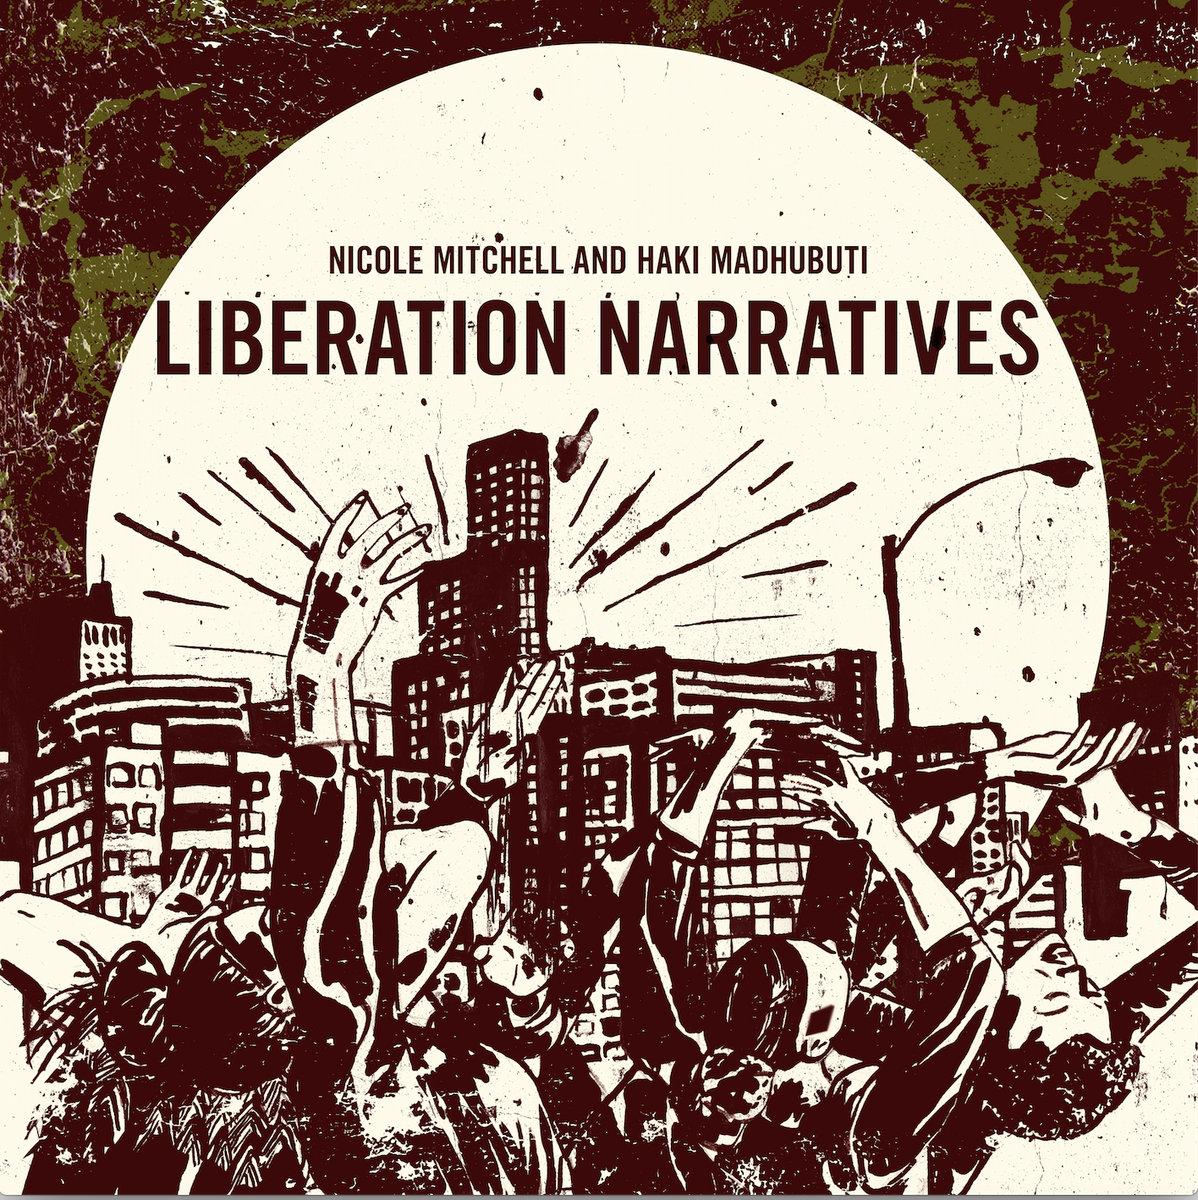 Review: Nicole Mitchell & Haki Madhubuti – Liberation Narratives